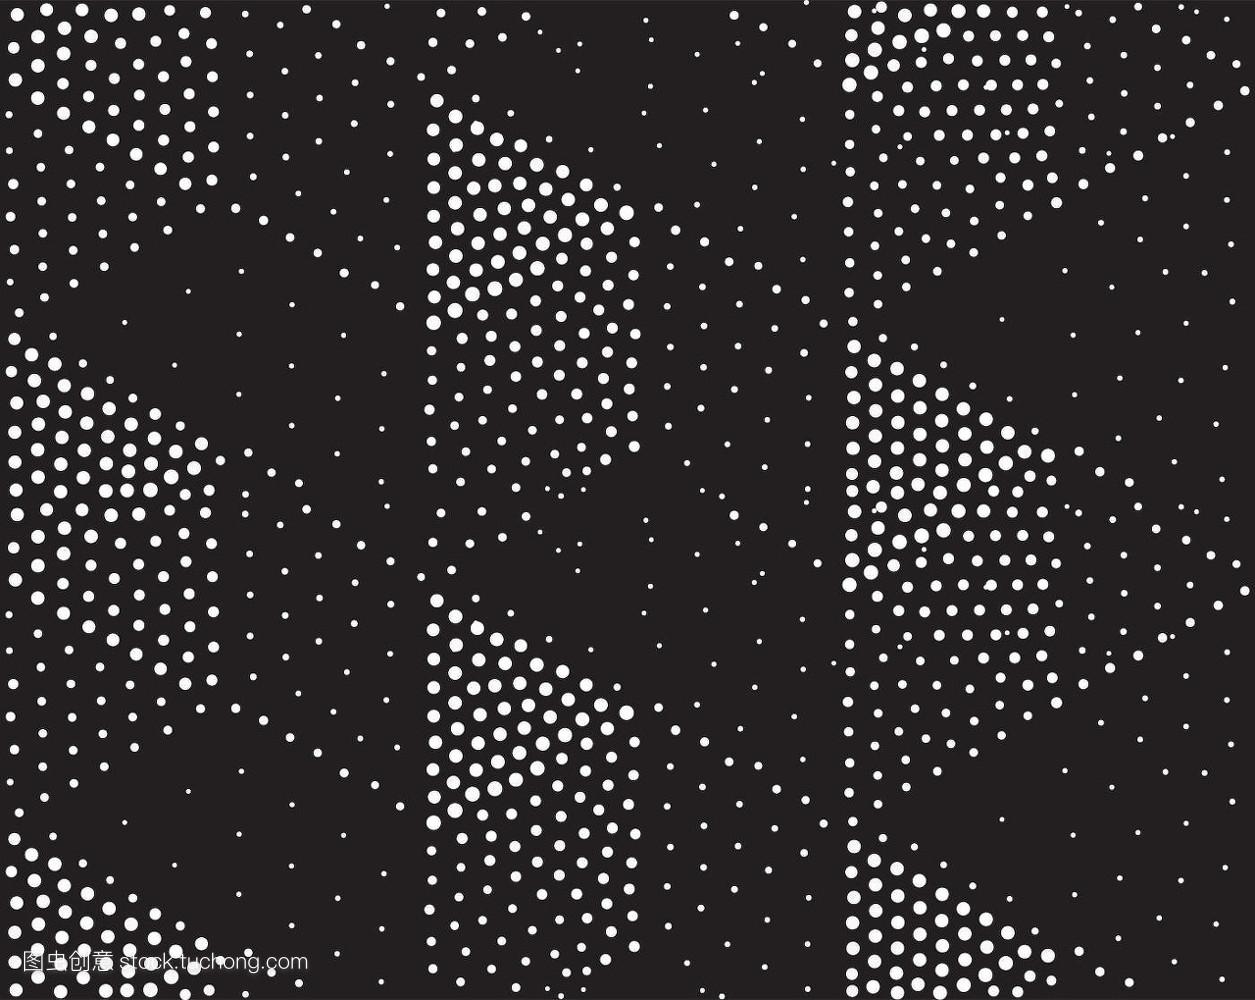 三角形,抽象,复古的,装饰的,壁纸,式样,圆点,创意,面料,无缝,几何图案图片